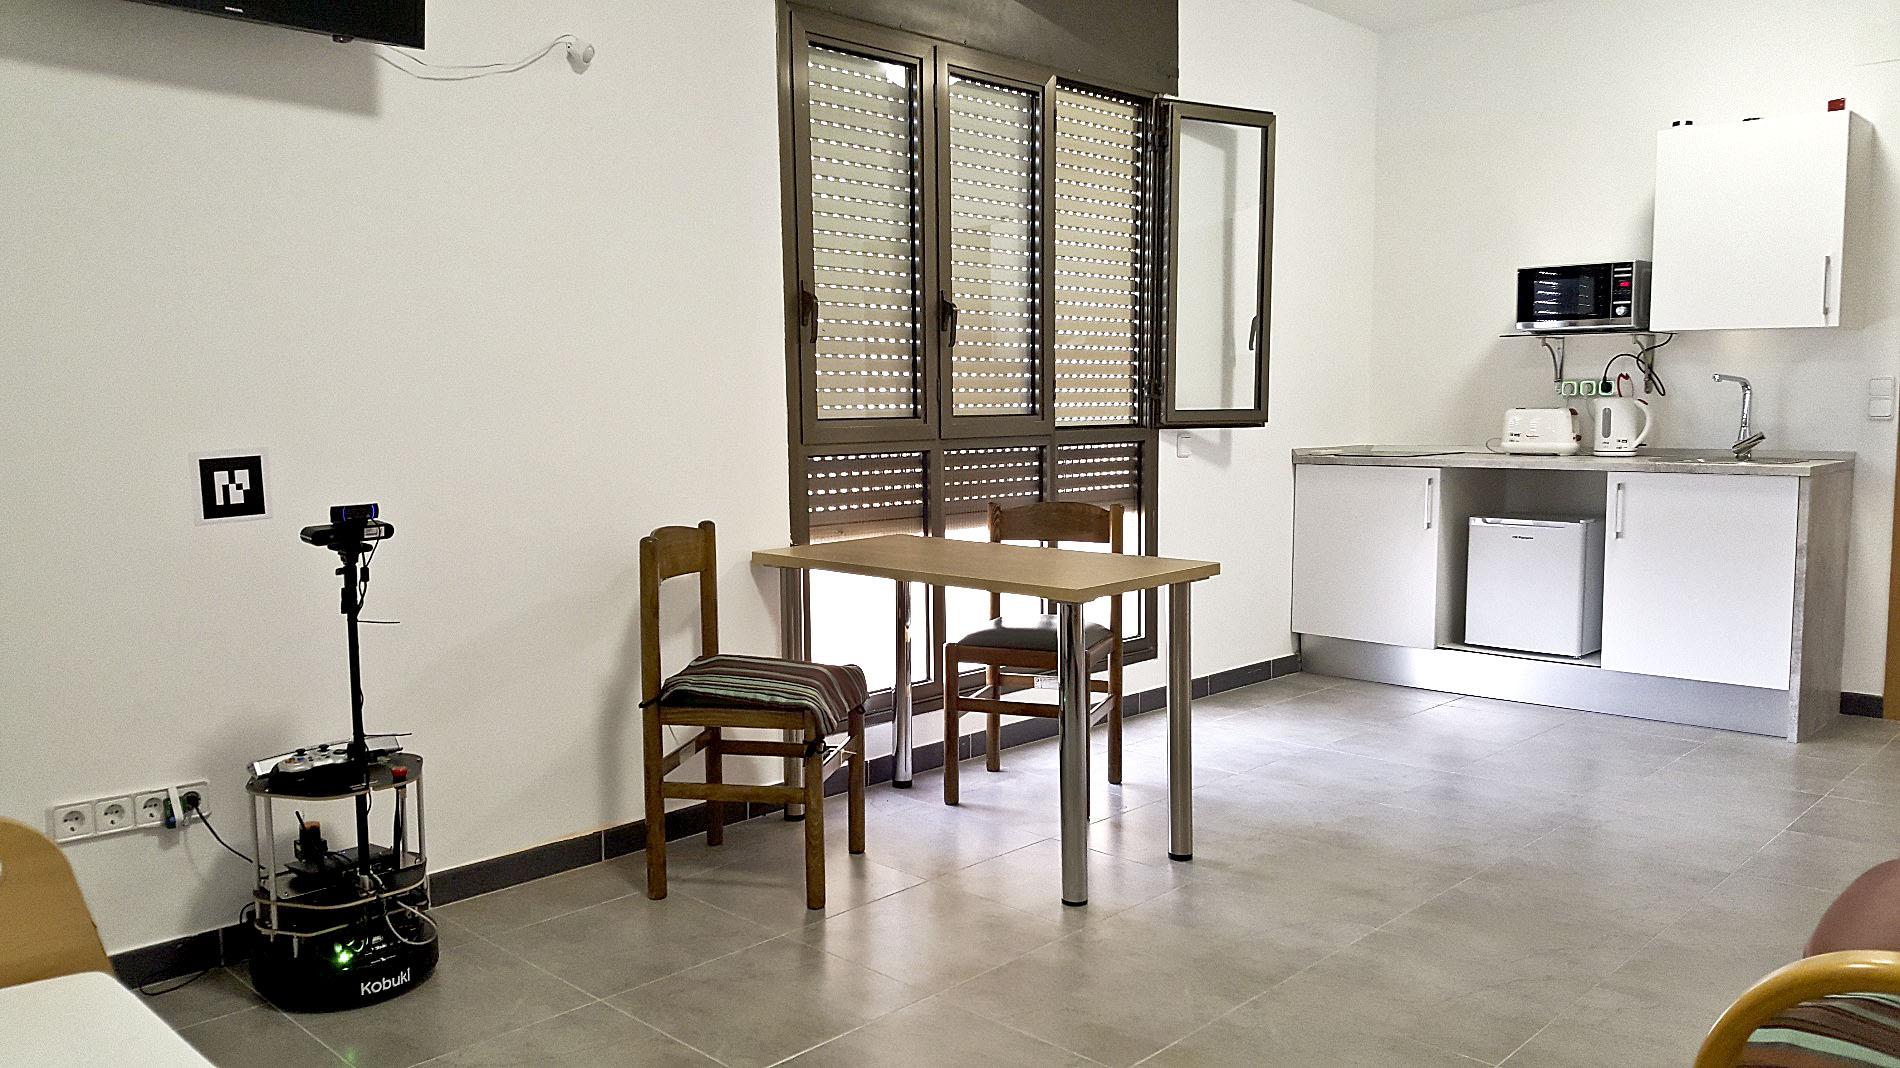 La sala domotitzada del geriàtric, amb el robot a l'esquerra